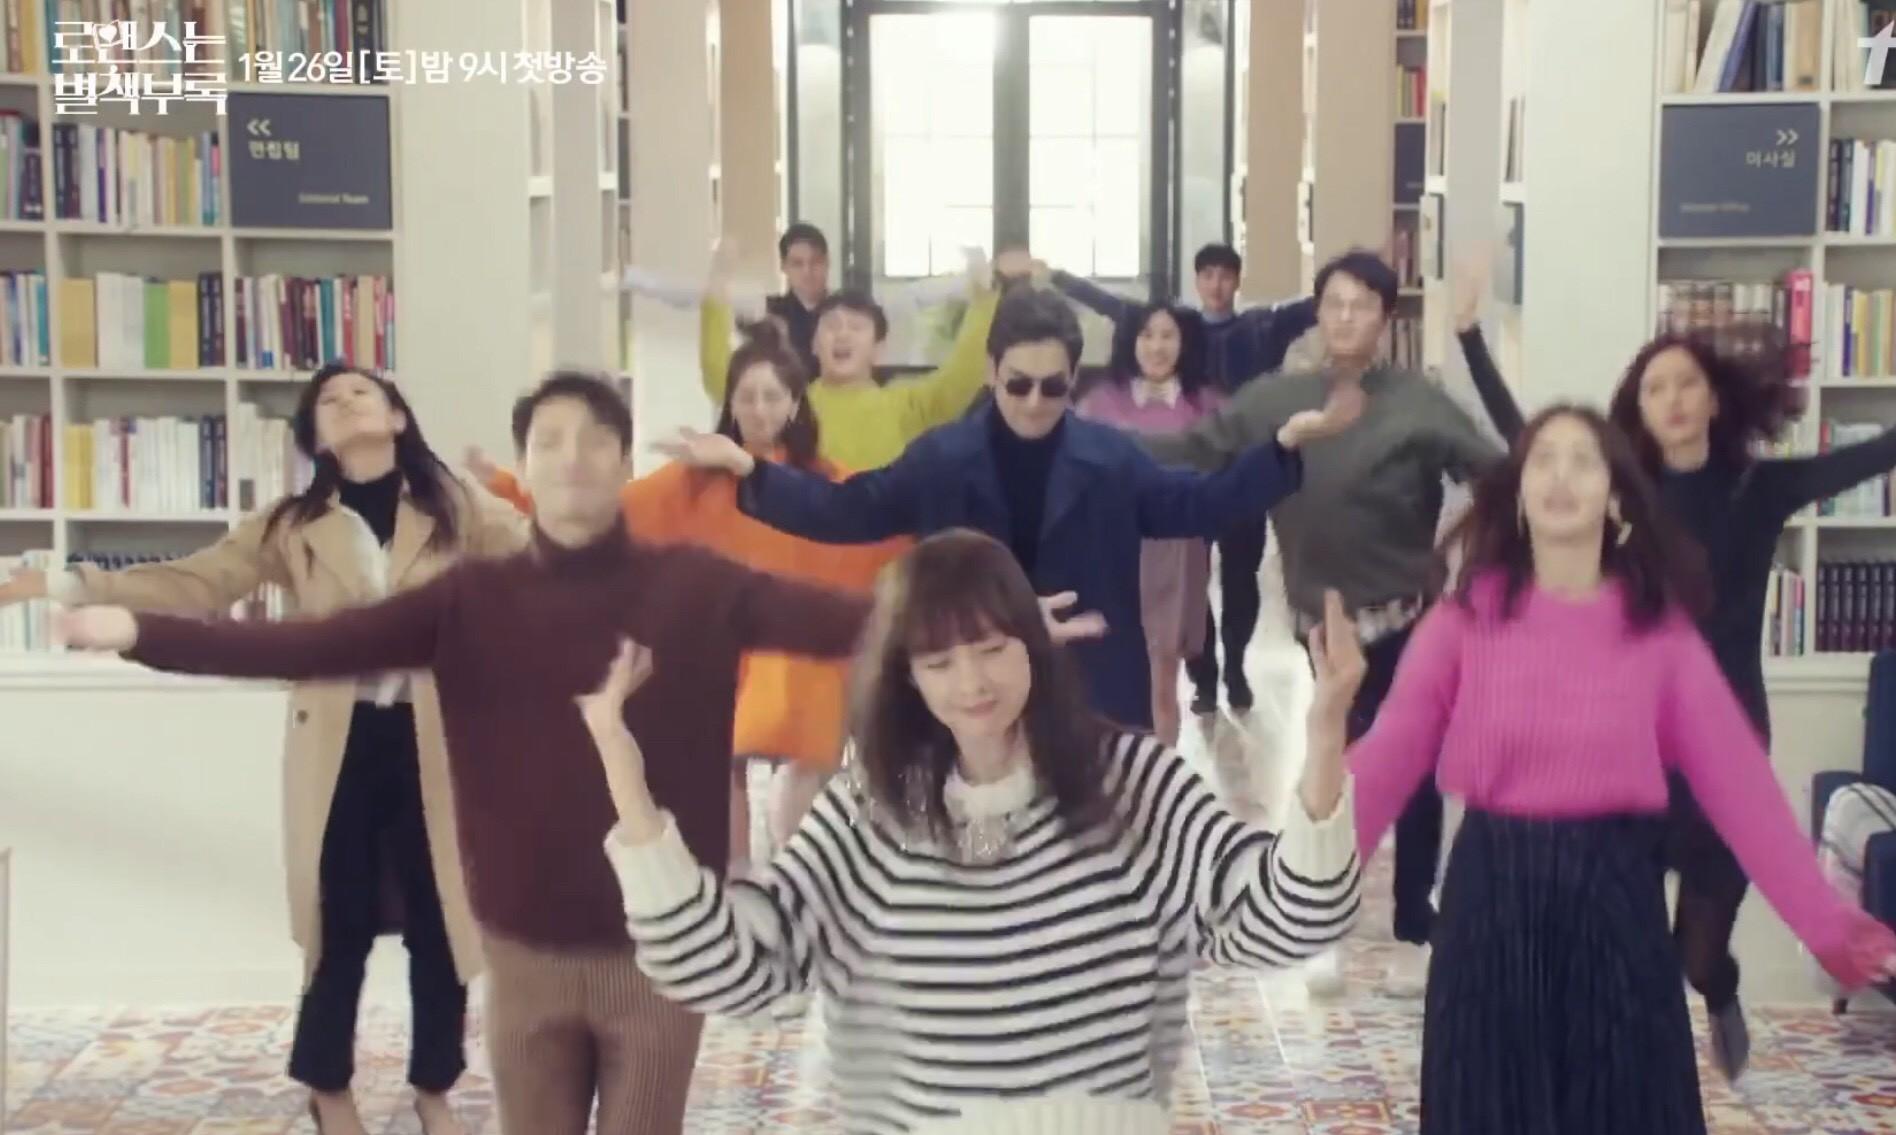 Vợ mỹ nhân của Won Bin ở tuổi U40 vẫn nhún nhảy tưng bừng ăn đứt Lee Jong Suk - Ảnh 3.